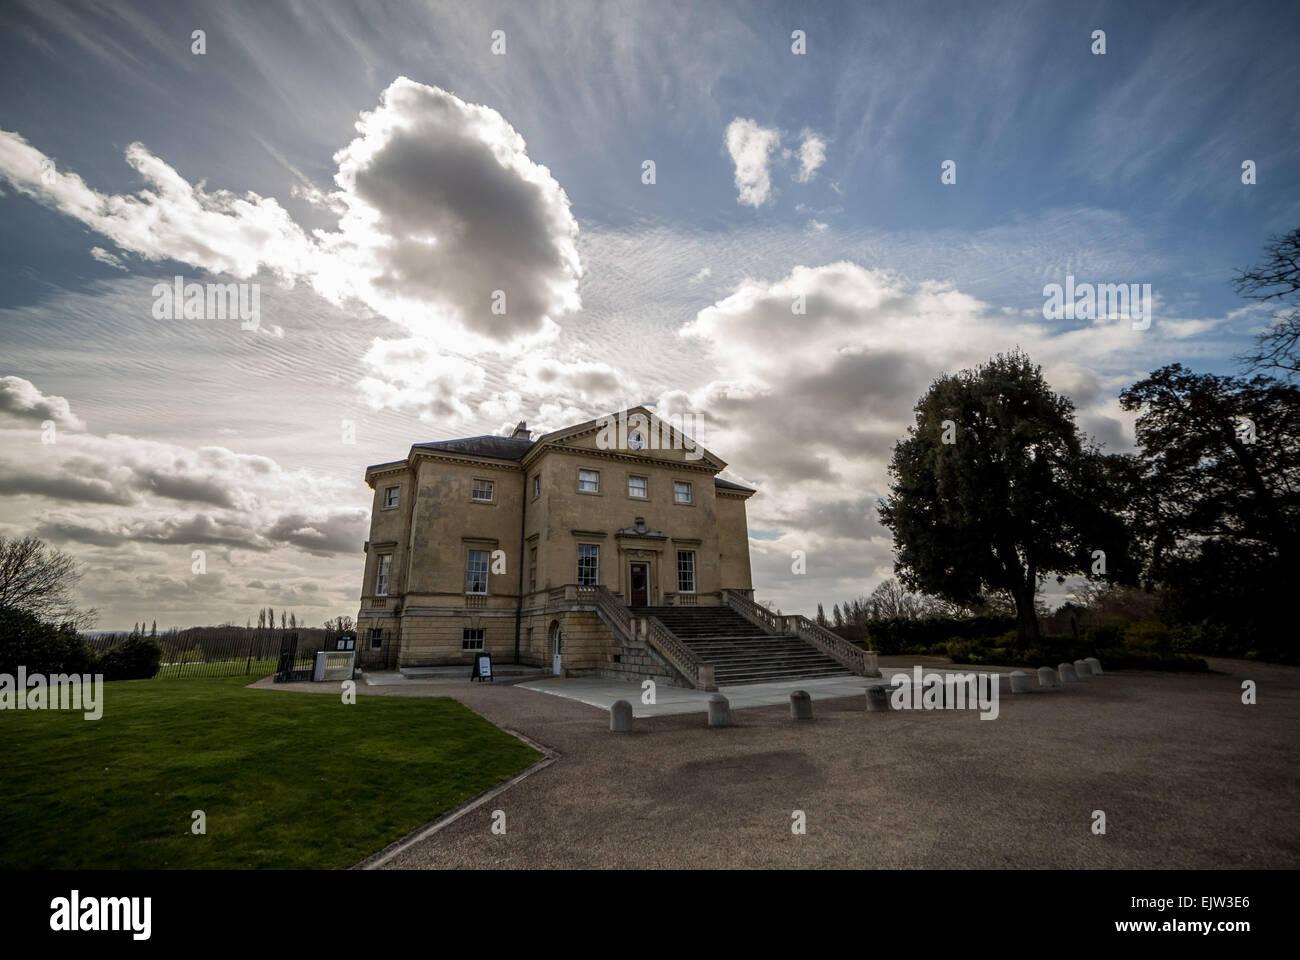 Londra, Regno Unito. Il 1 aprile, 2015. Danson House in Bexleyheath Credito: Guy Corbishley/Alamy Live News Immagini Stock